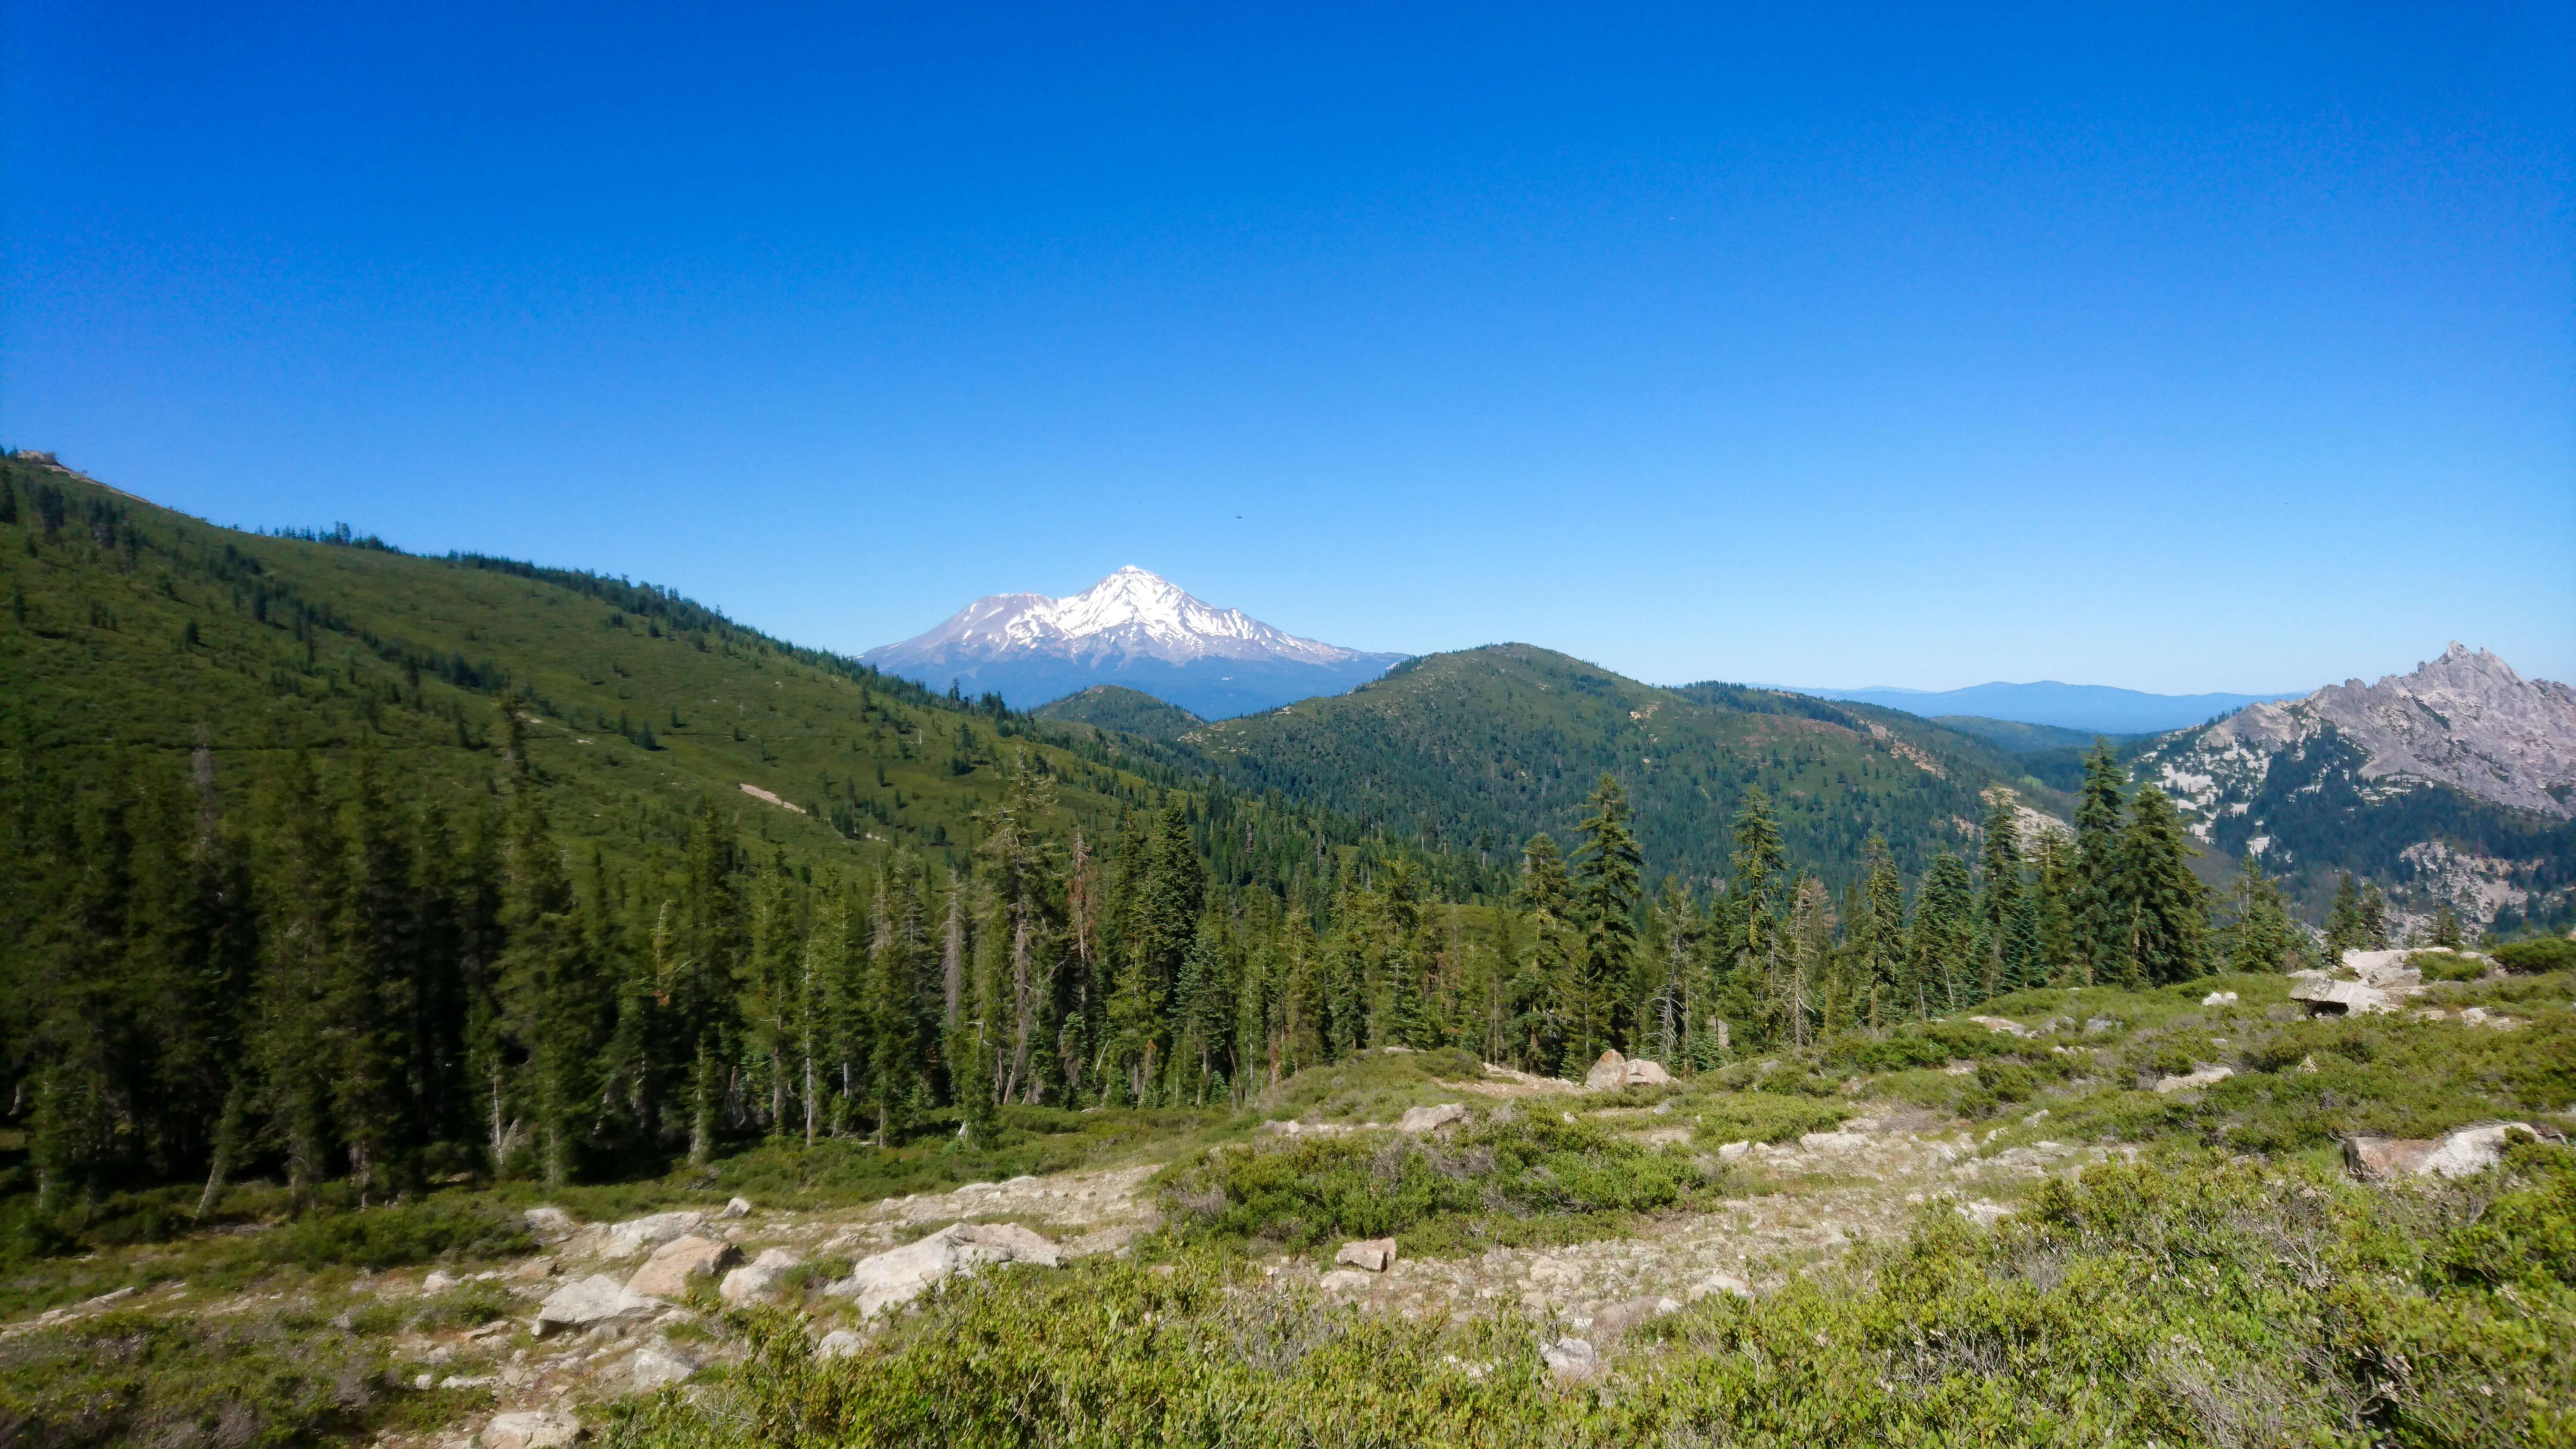 Castle Crags et le Mont Shasta